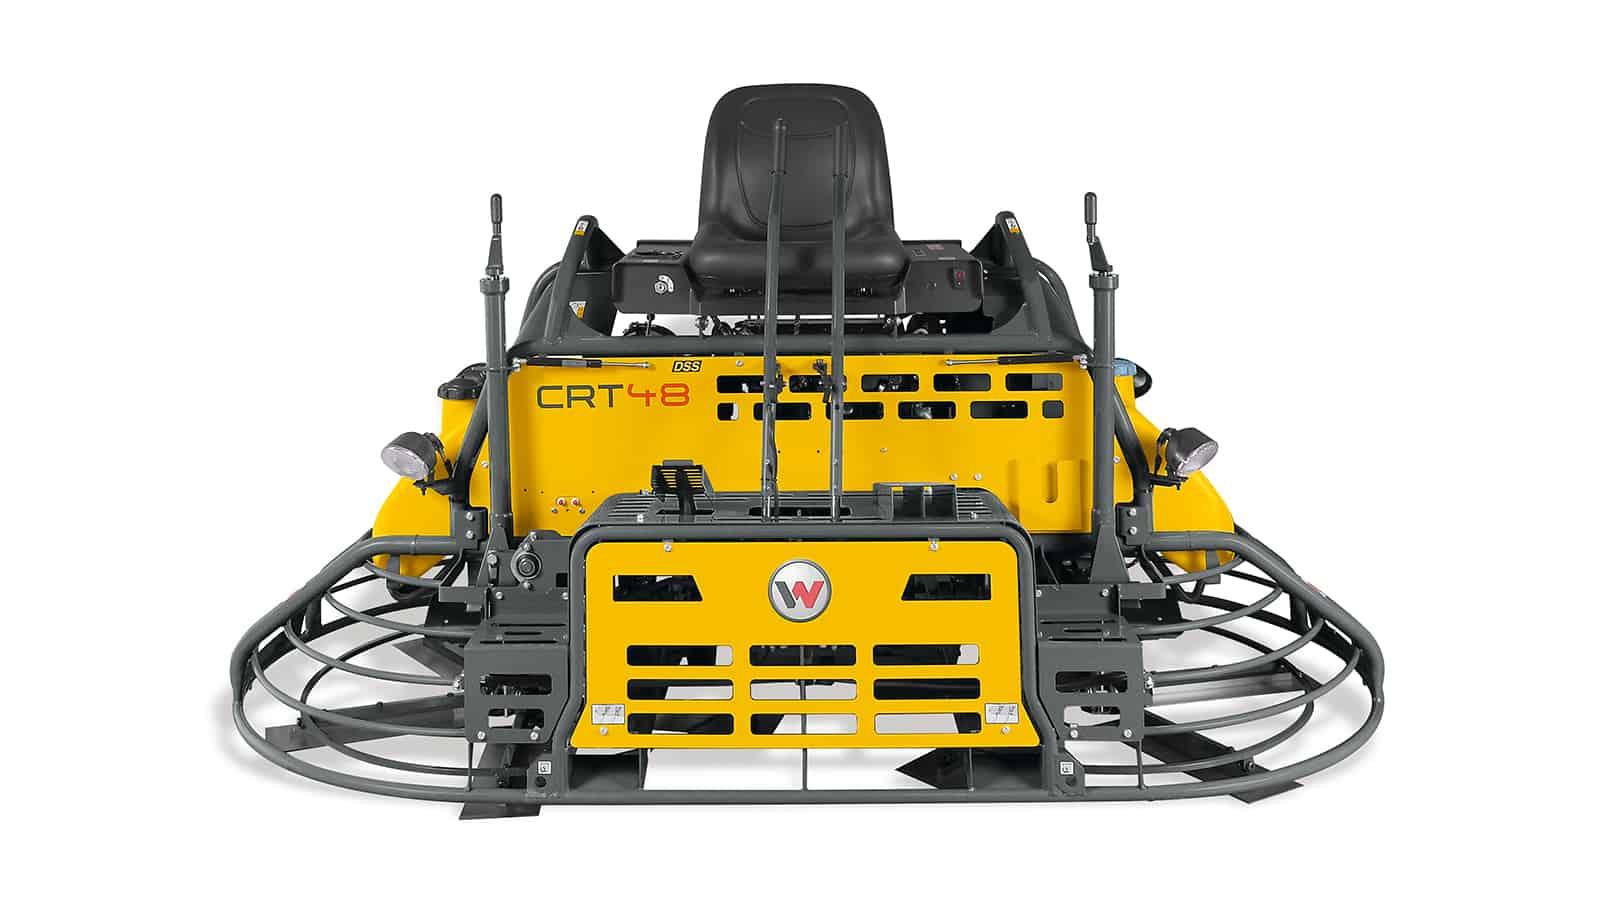 Wacker Neuson CRT48 Ride On Power Trowel Float - For sale or hire